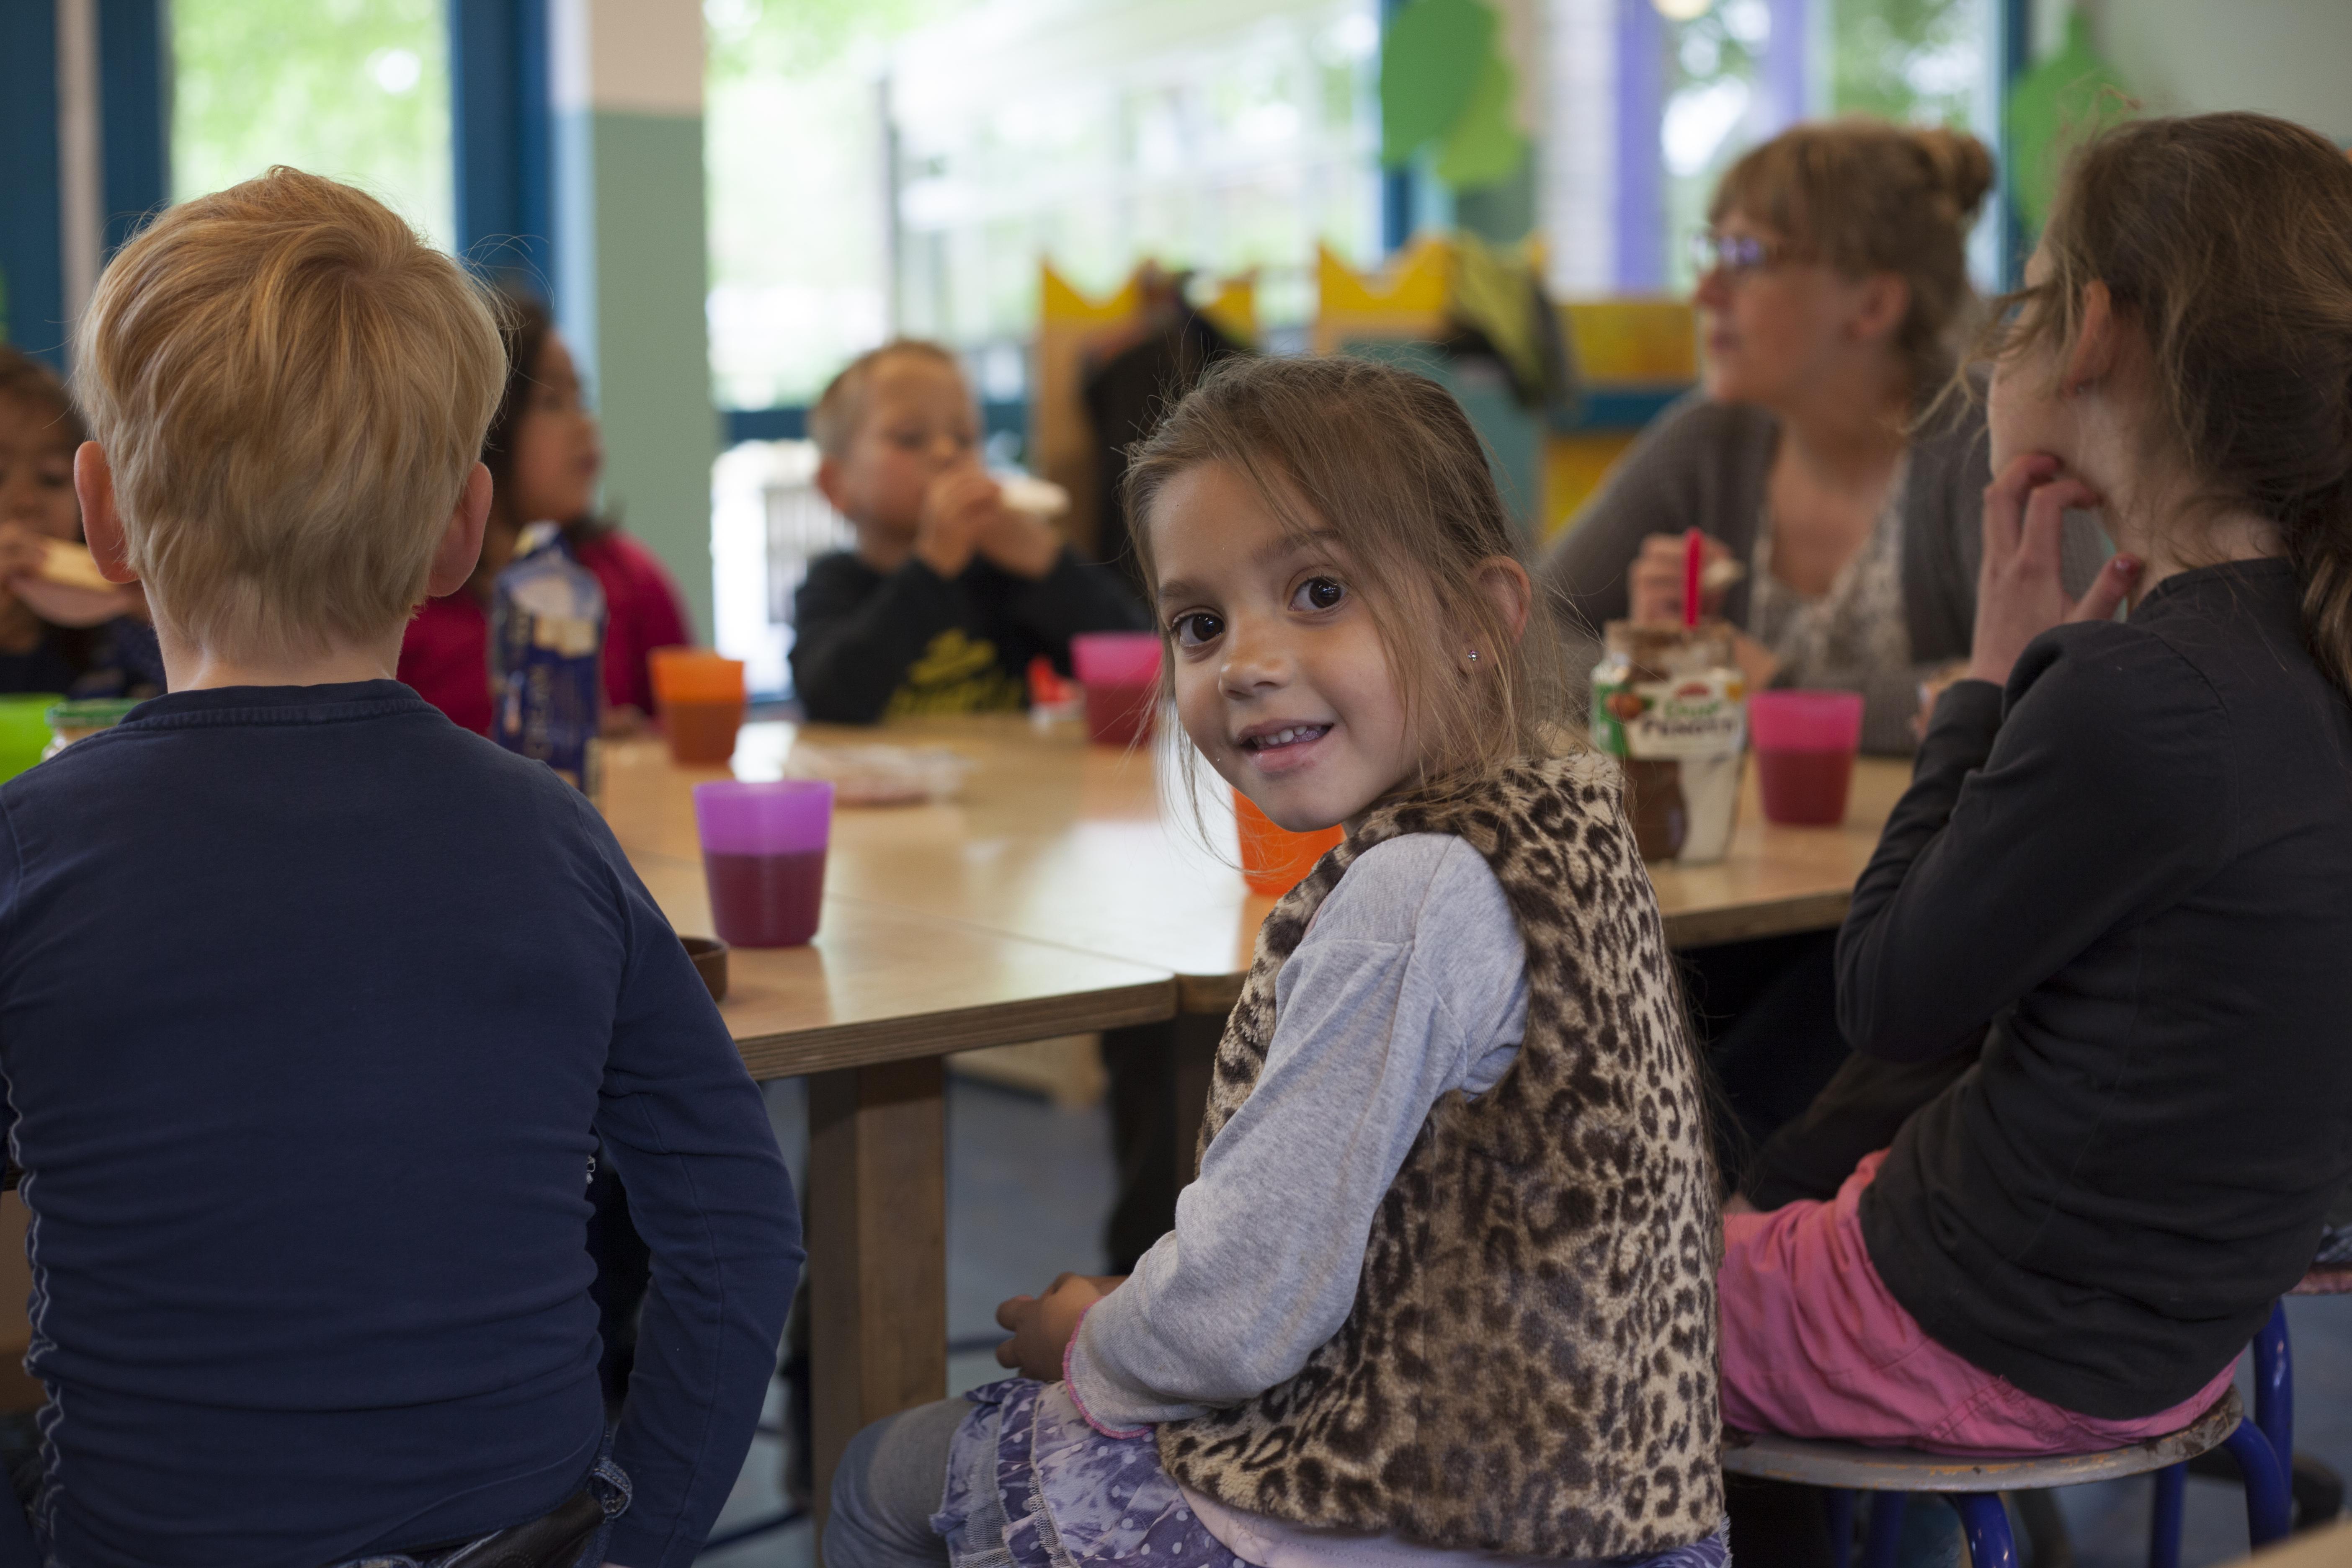 BSO MFA Pittelo Assen Drenthe Kids First COP groep buitenschoolse opvang